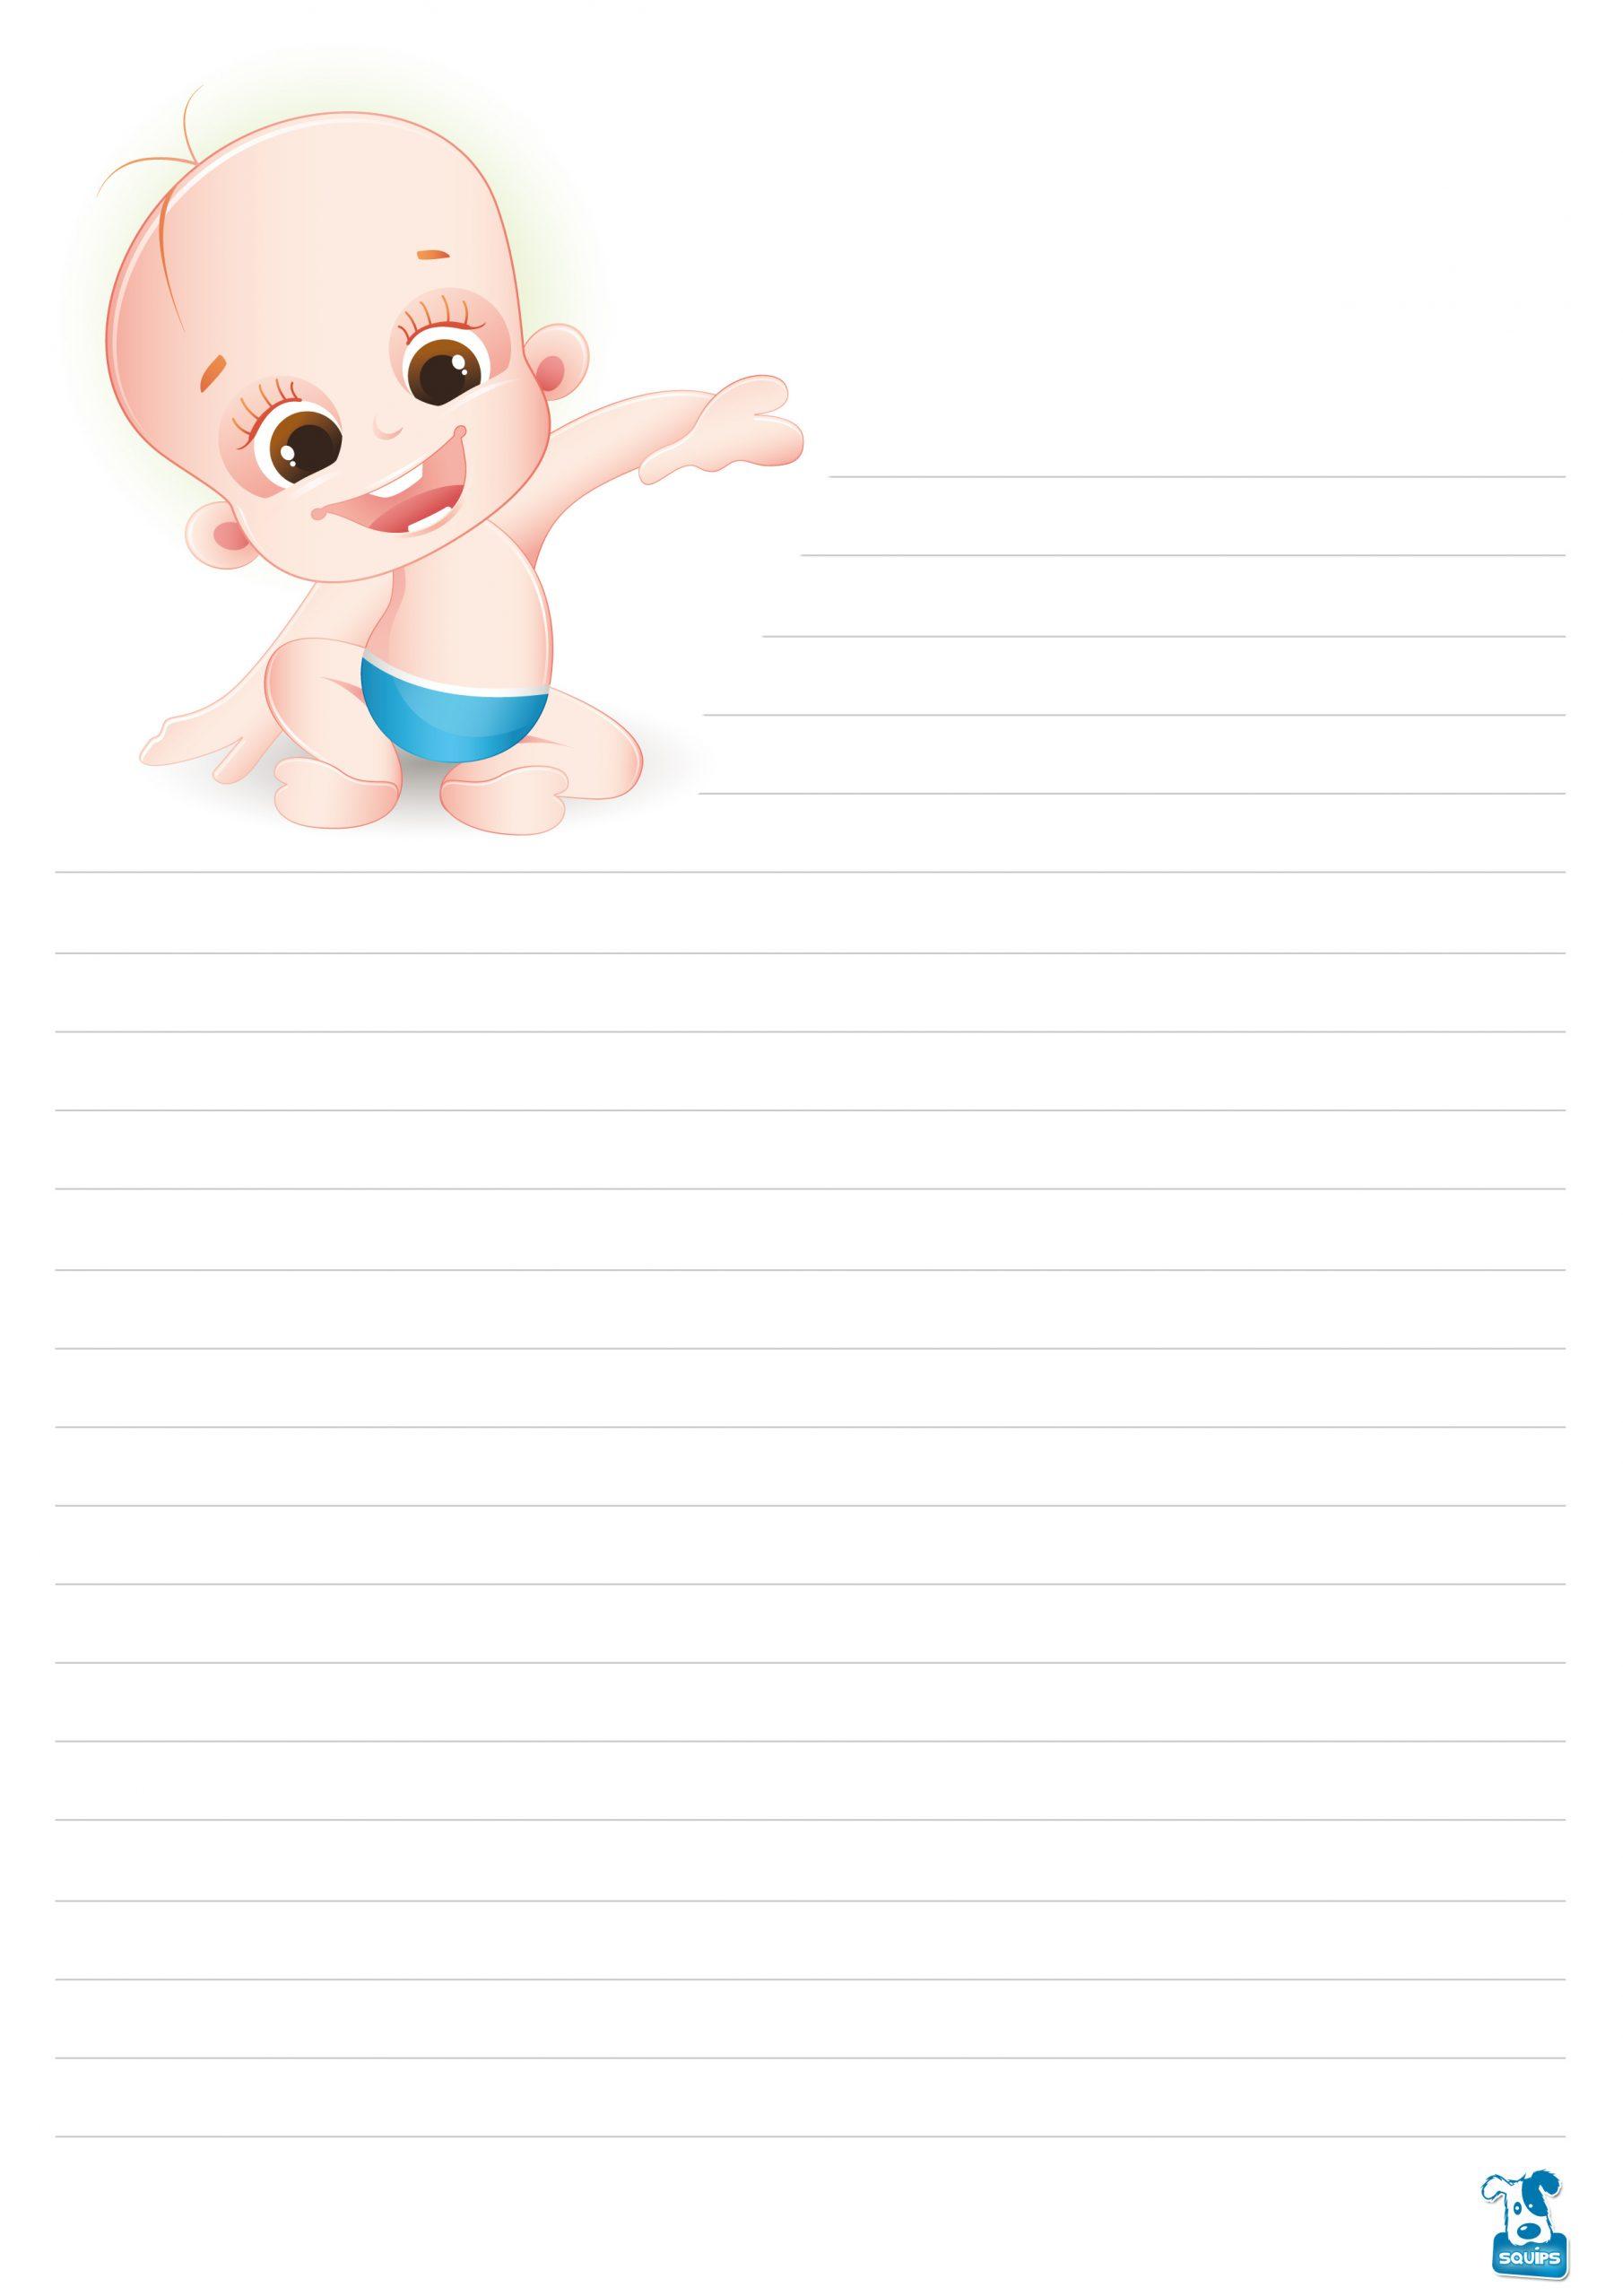 10 Papiers À Lettre À Imprimer Pour Enfants | 123Cartes tout Papier A Lettre Enfant